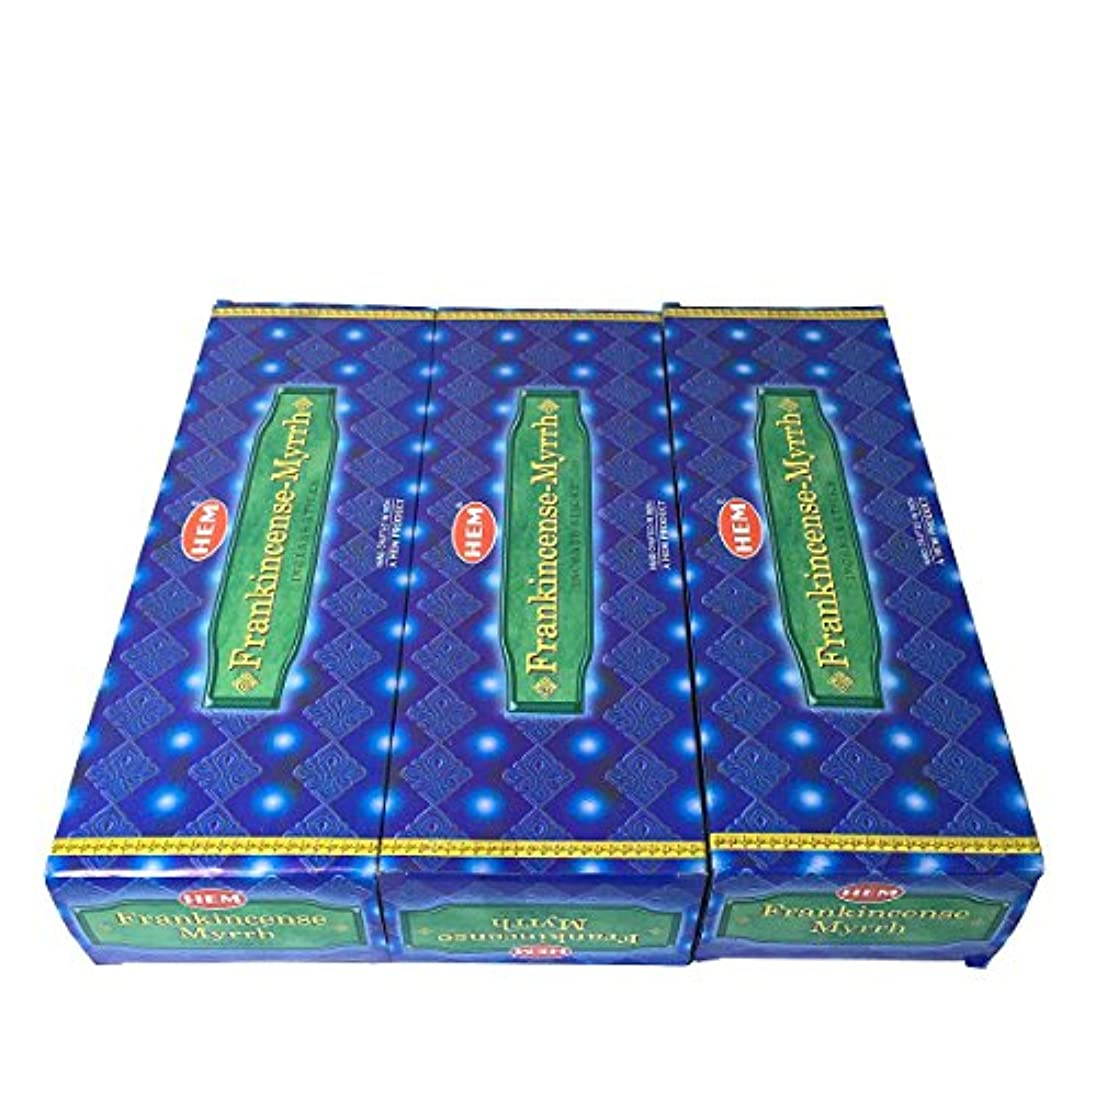 振幅攻撃検出フランキンセンス ミルラ香スティック 3BOX(18箱) /HEM FRANKINCENSE MYRRH/インセンス/インド香 お香 [並行輸入品]